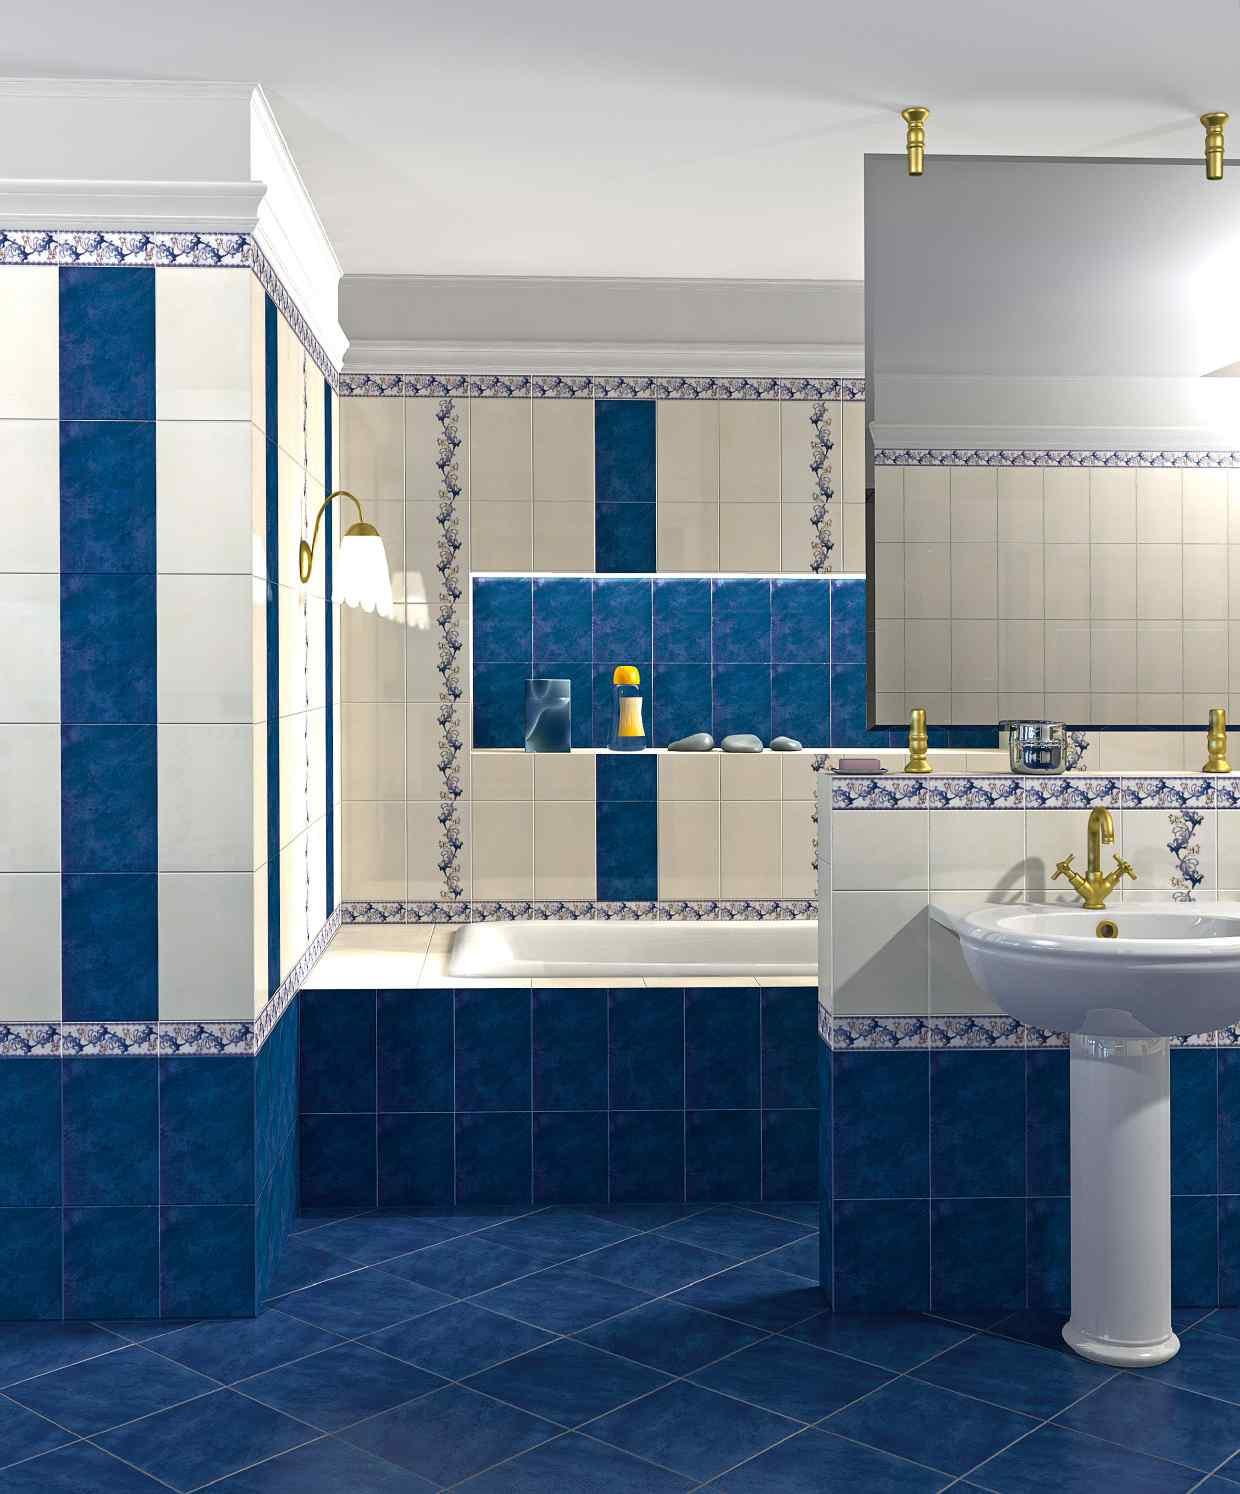 Синяя плитка в стиле ретро